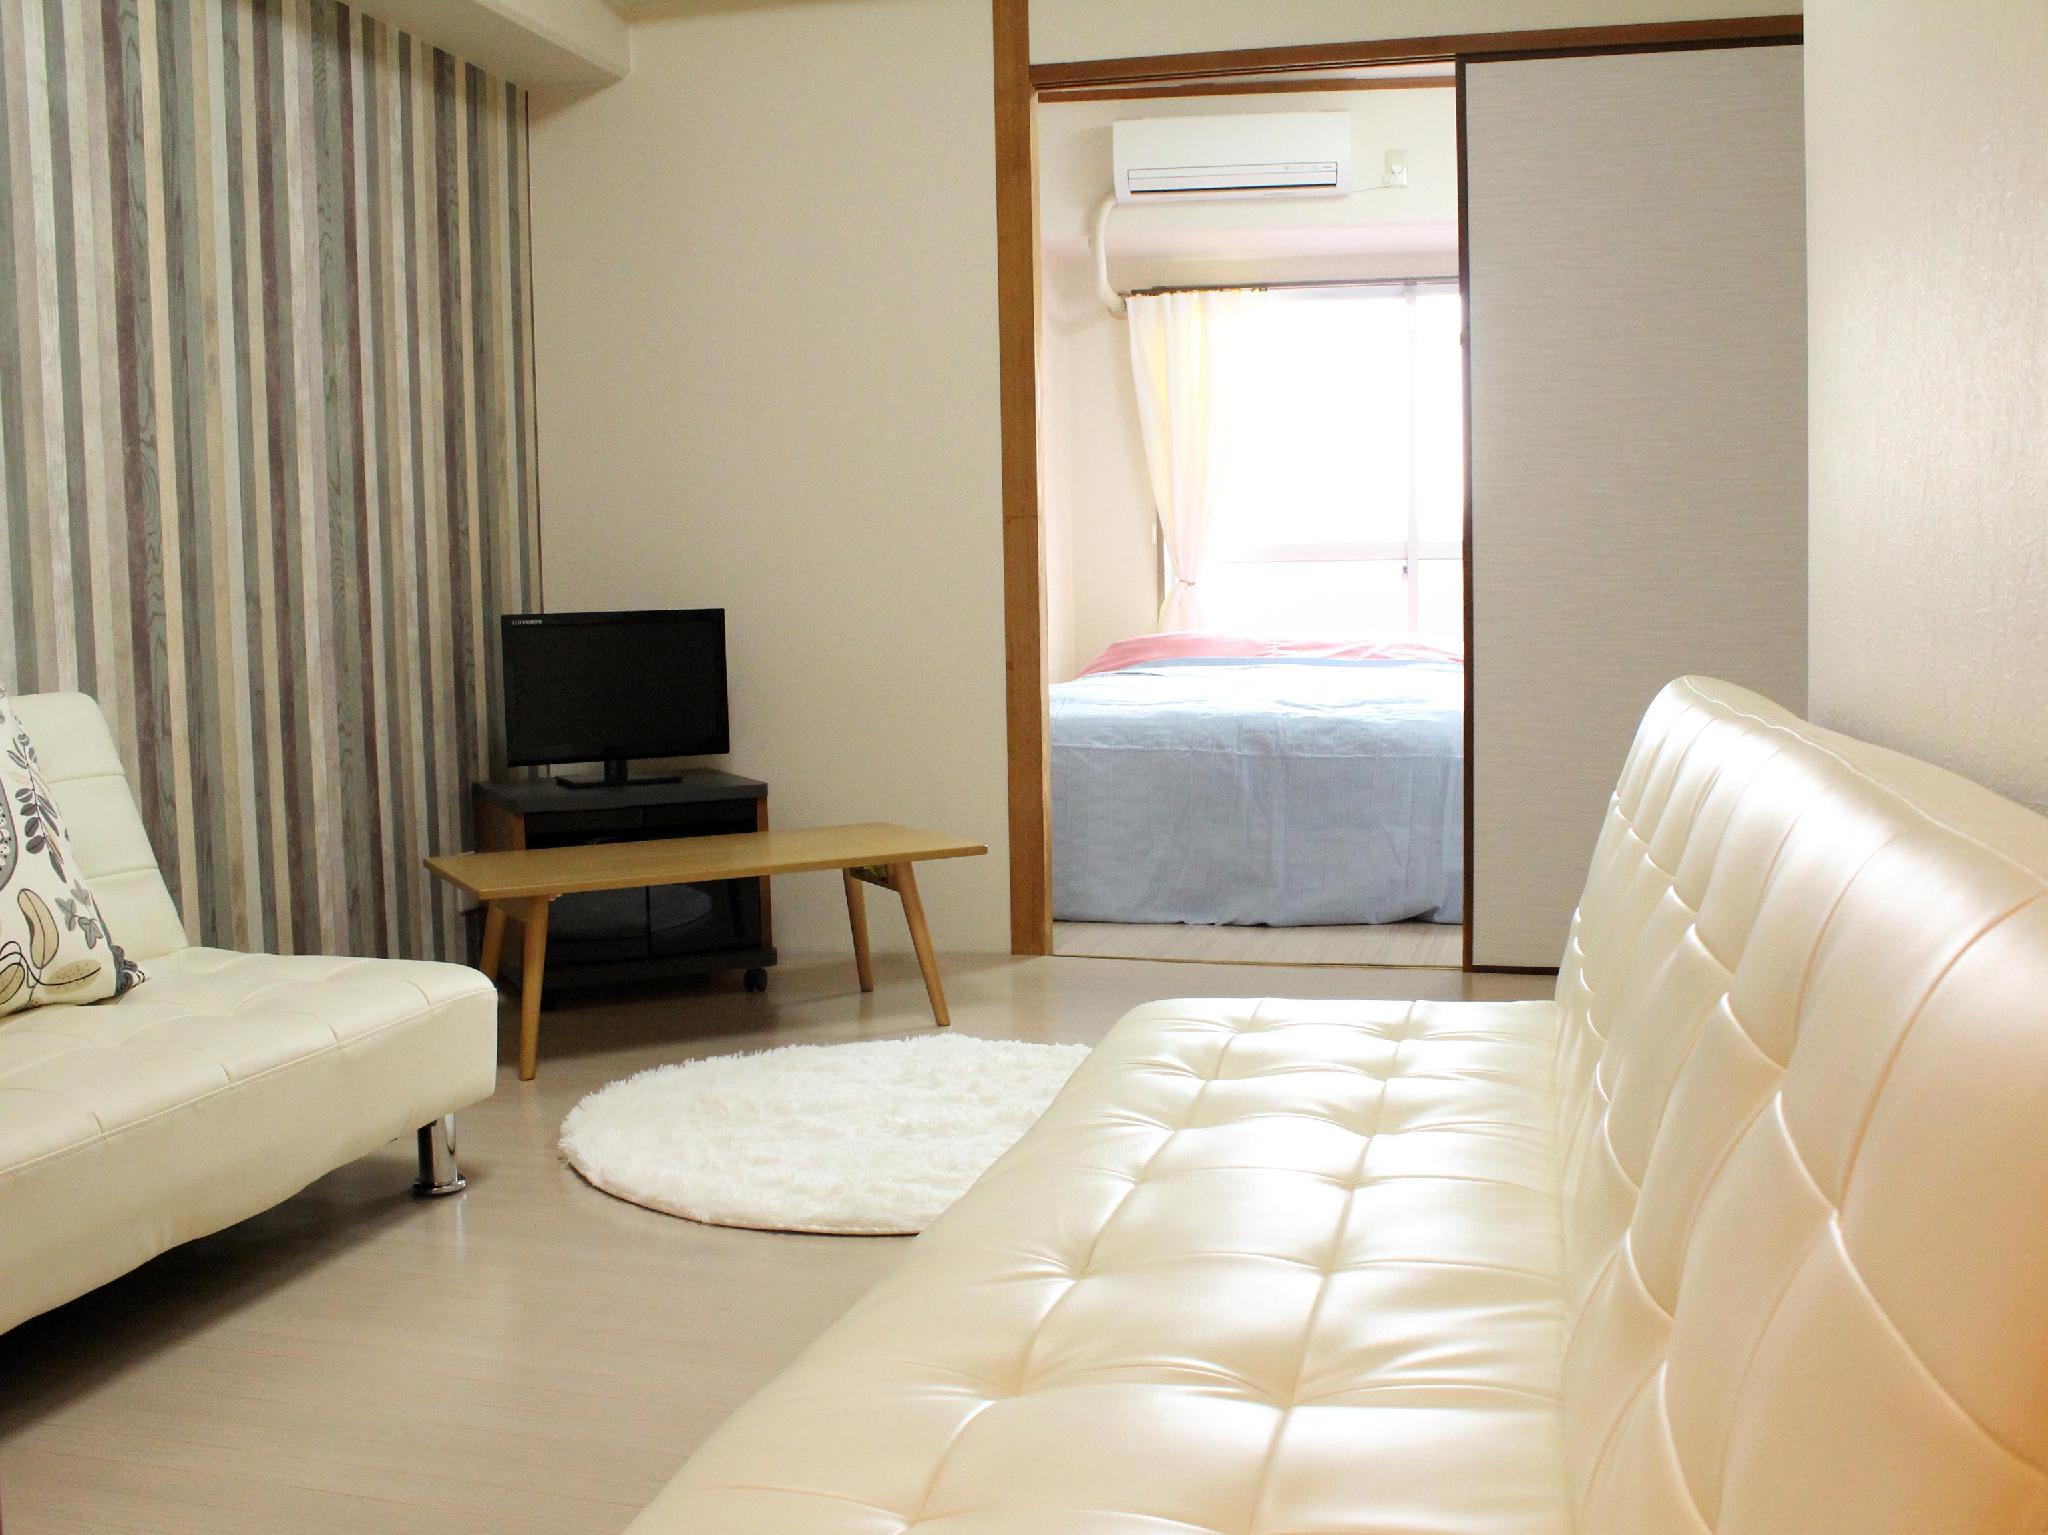 Mi 1 Bedroom Western Style Apartment In Sakuragawa Namba No 3 Namba Osaka Japan Great